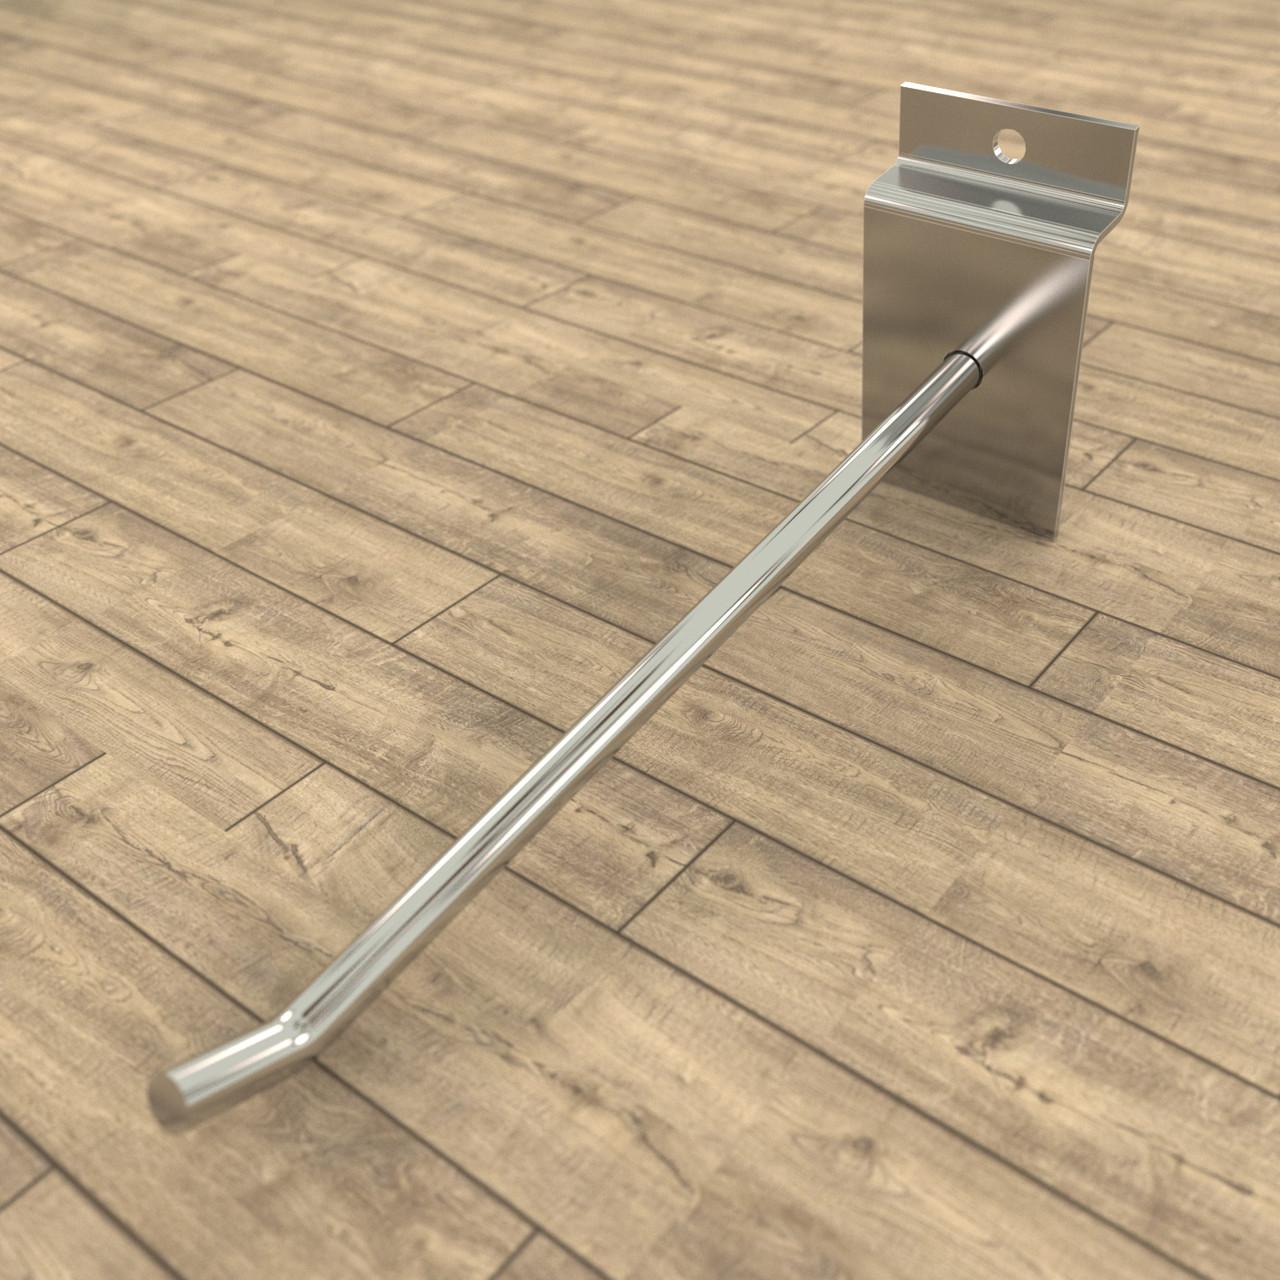 Крючки для экономпанелей | одинарные хромированные 200 мм